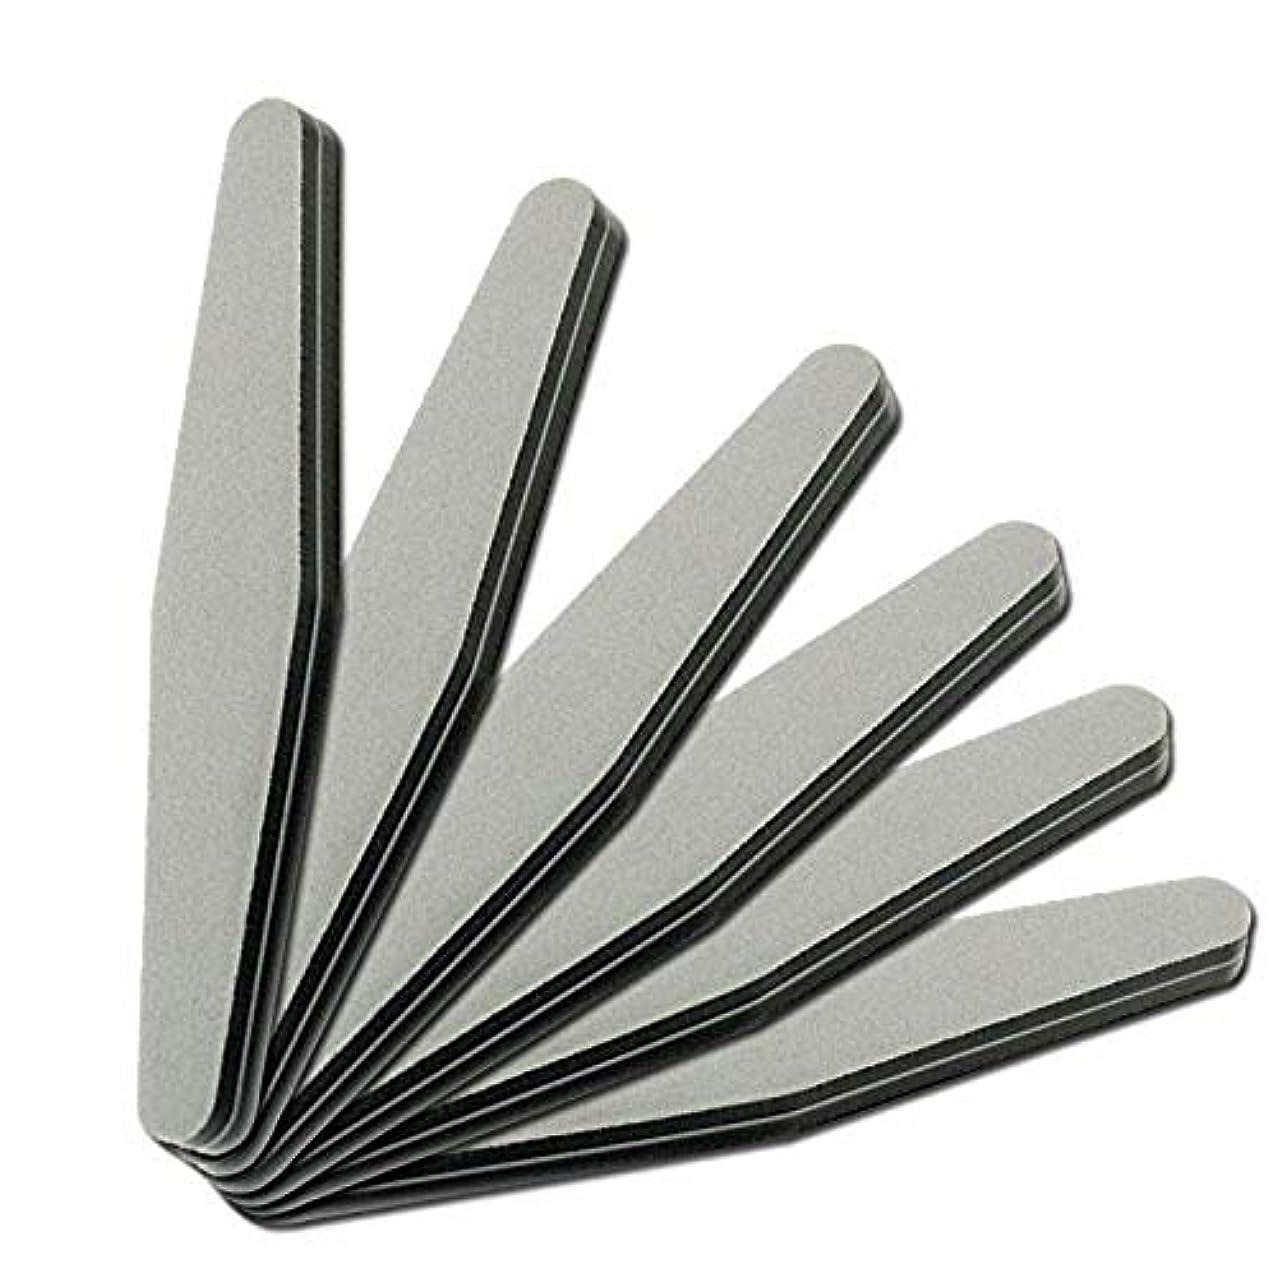 承認するデザイナー水曜日KADS ジェルネイルバッファー 10本入り スポンジネイルファイル ネイルケア用品 (セット2)